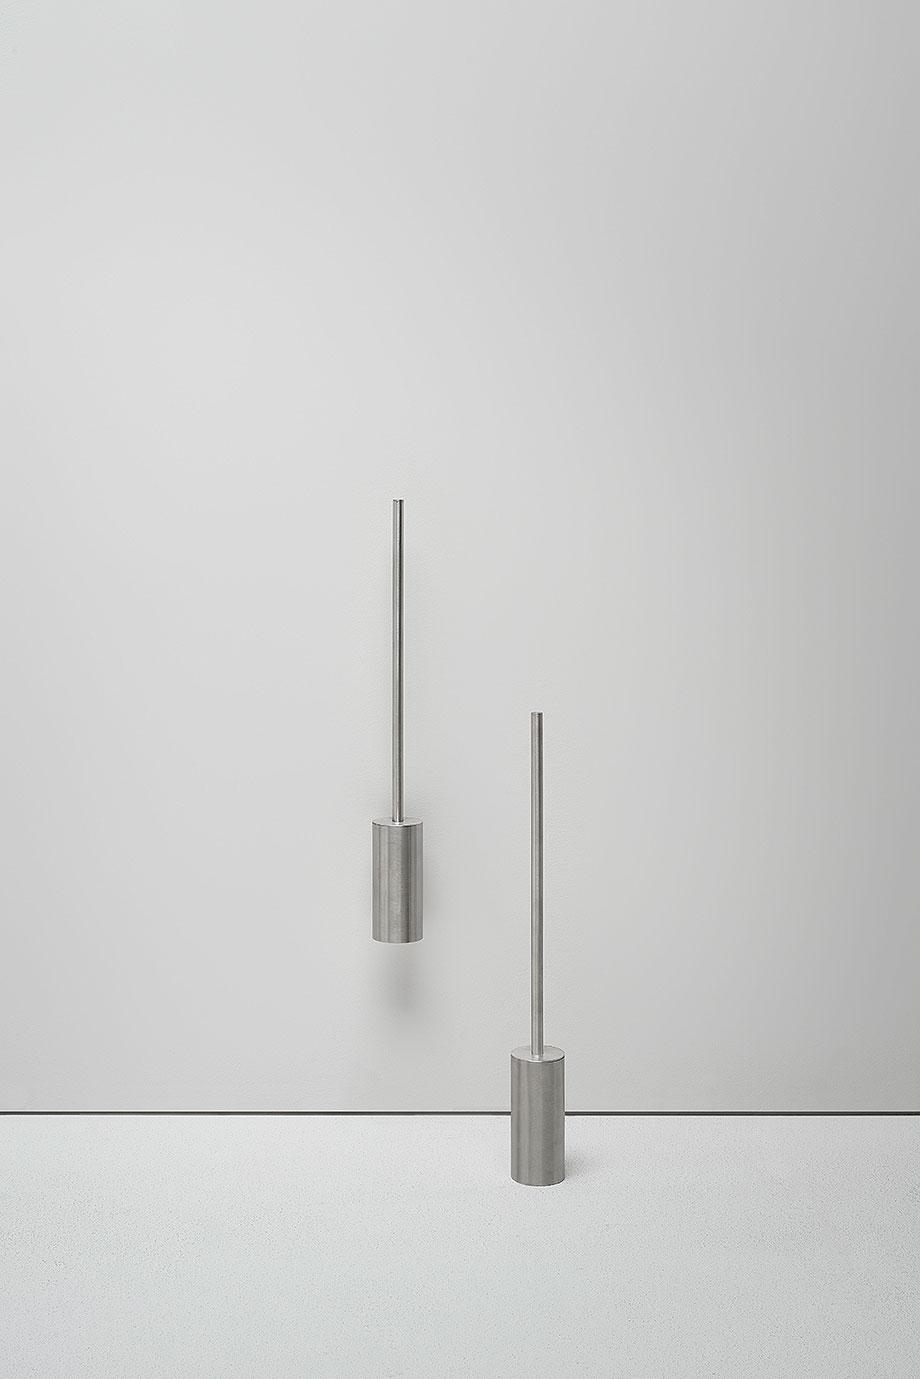 accesorios para baño cilindro de victor vasilev para falper (9) - foto alberto strada